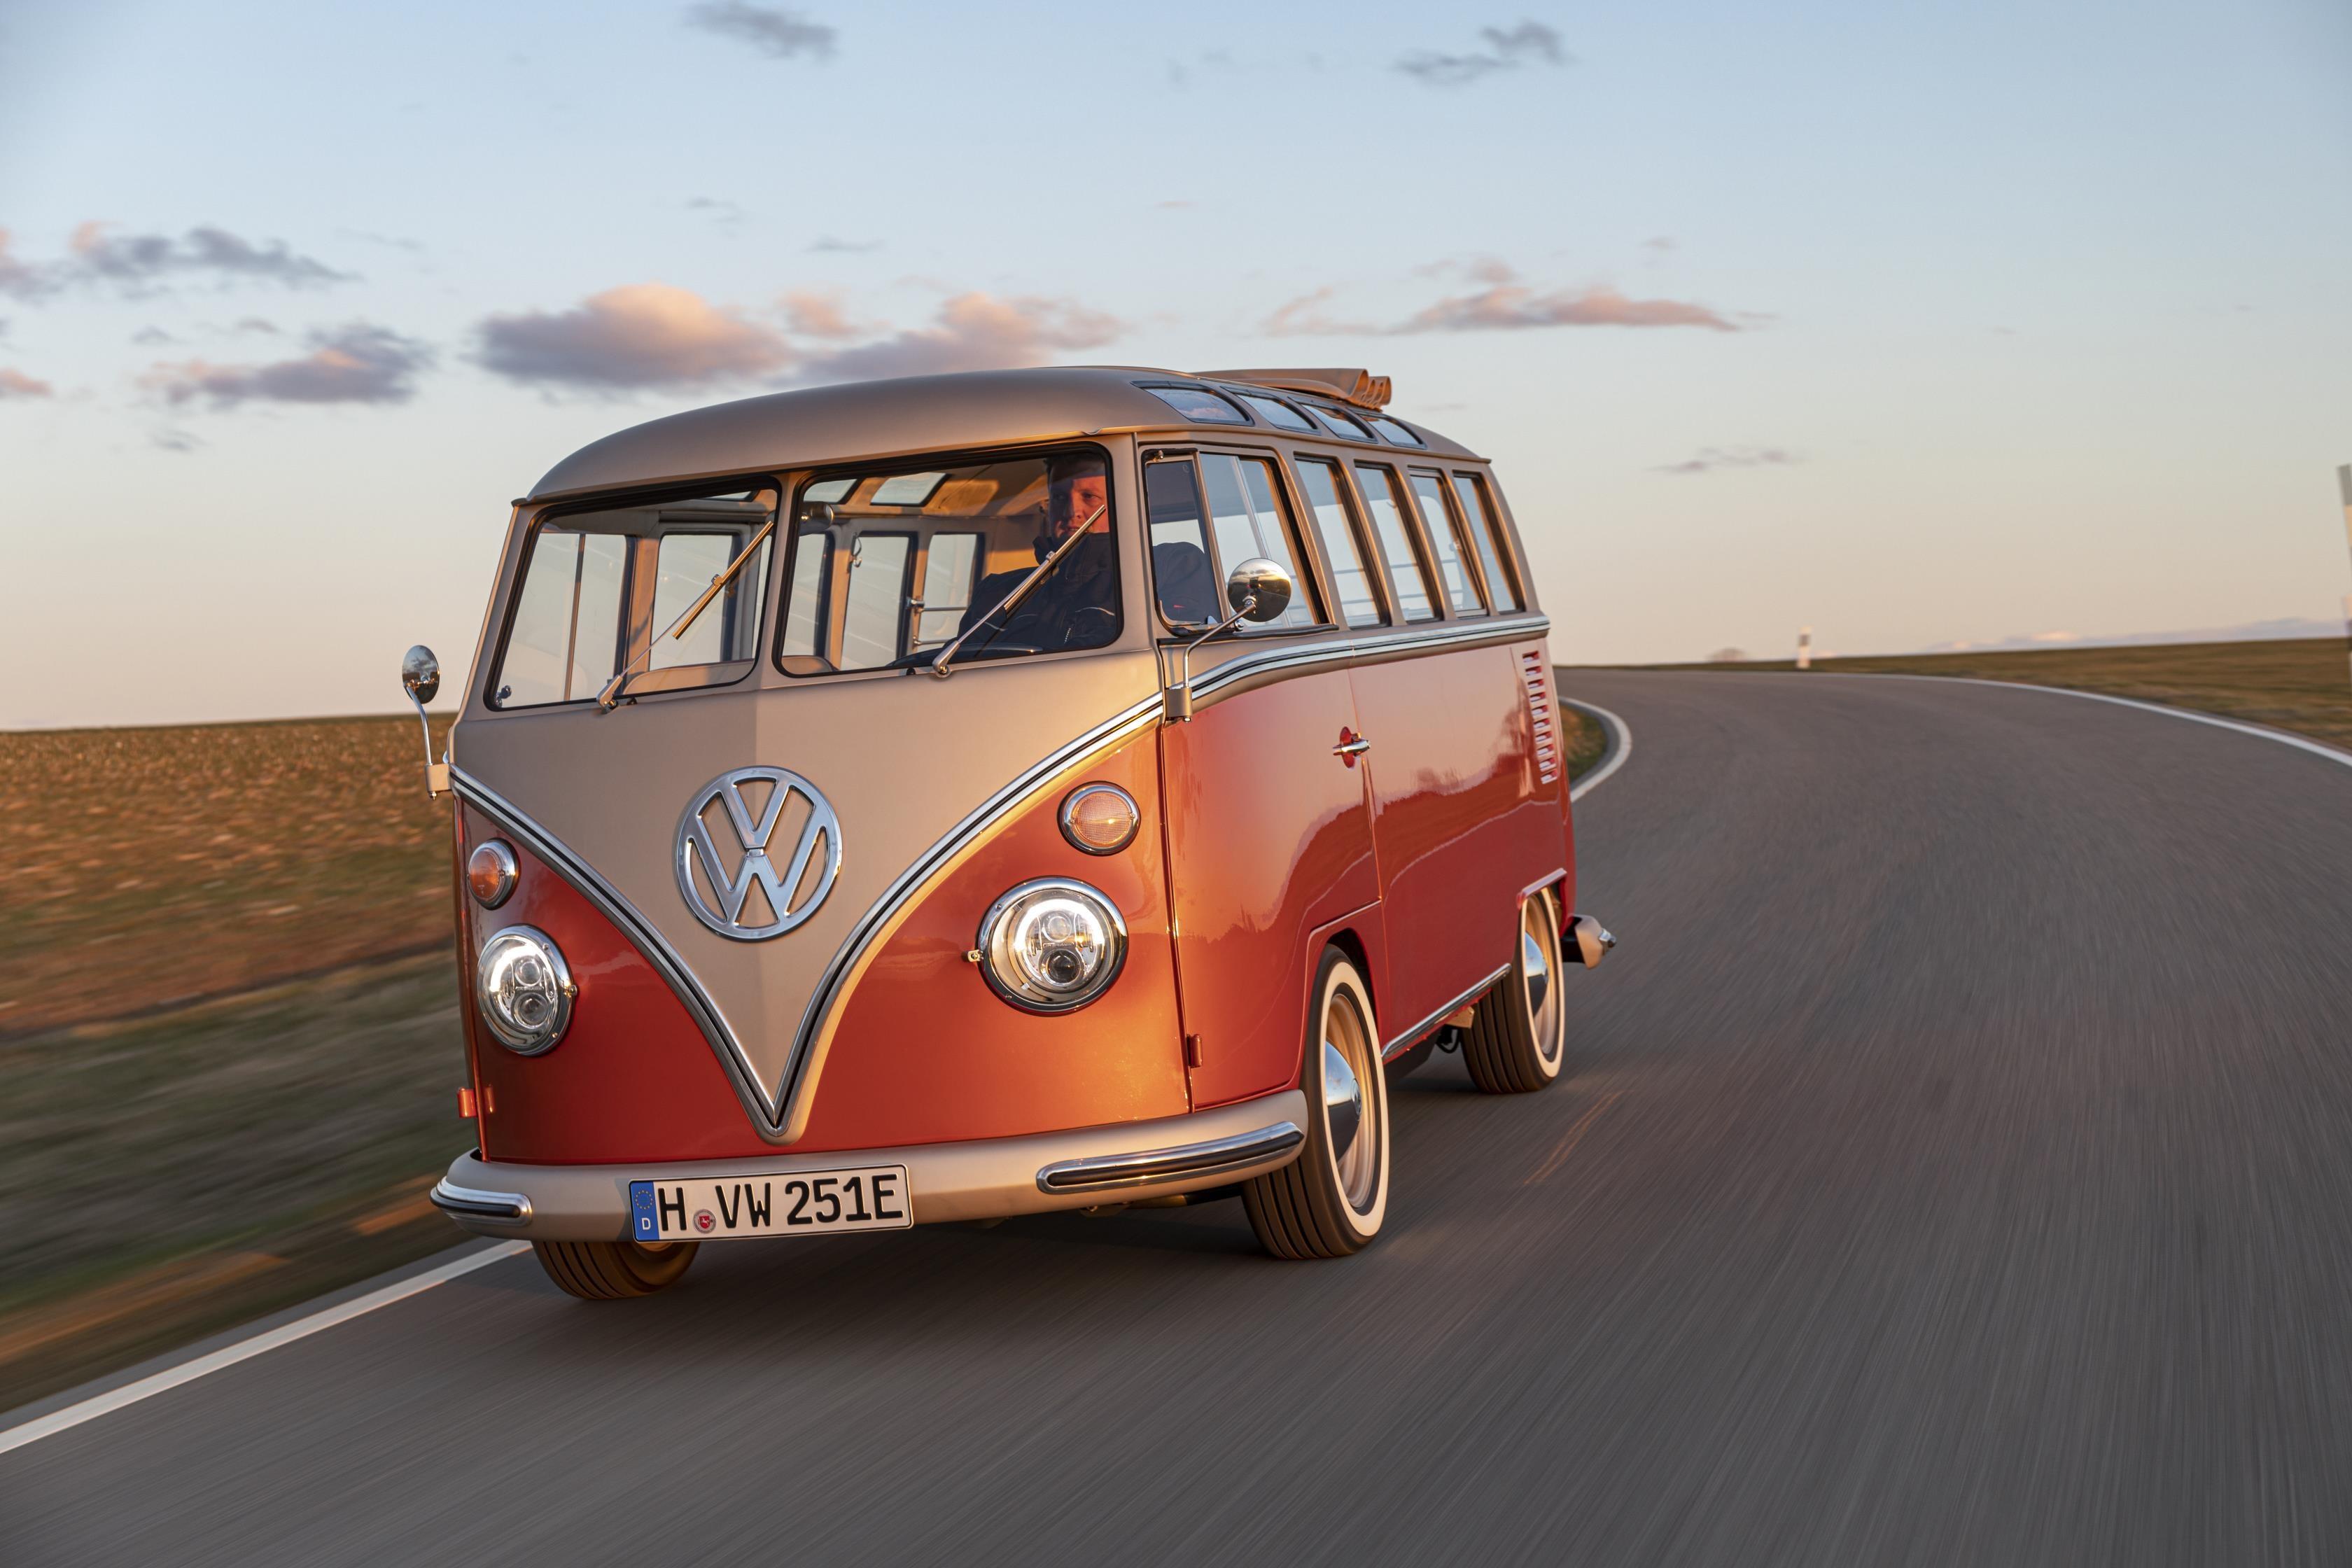 フォルクスワーゲンの人気のワーゲンバスが電気自動車になって登場